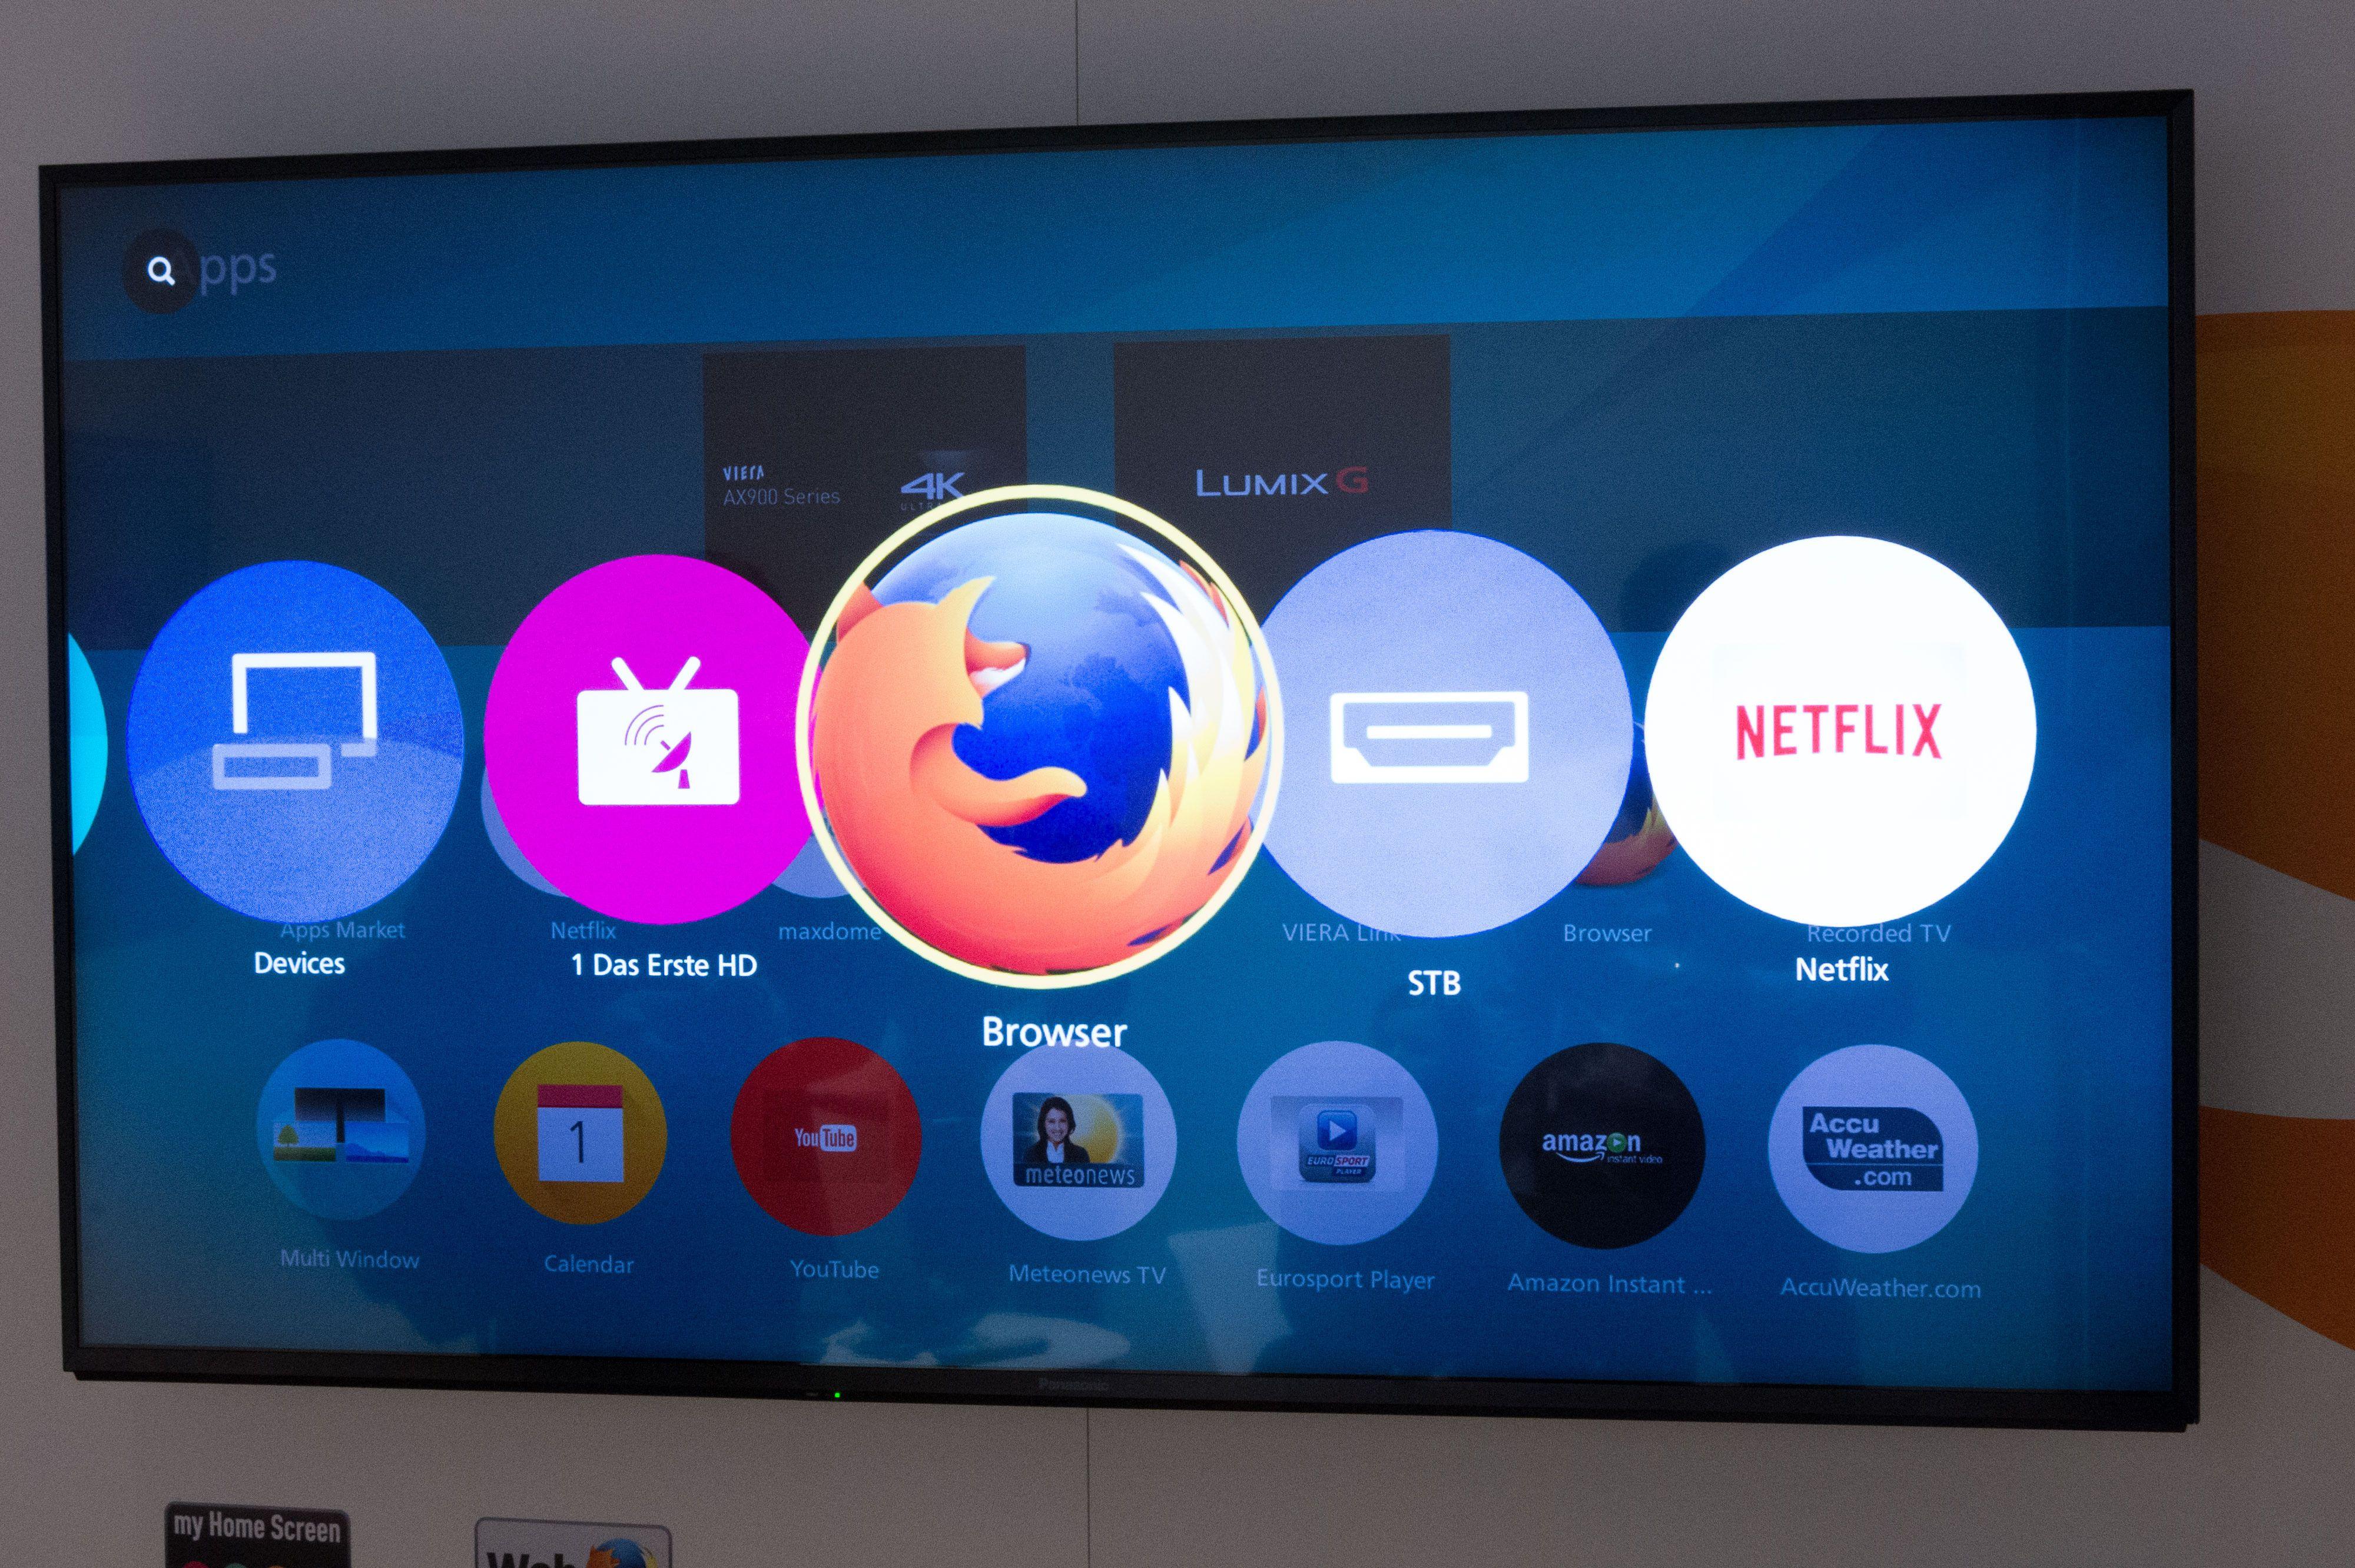 Desto flere ting du legger til desto flere ikoner dukker opp i startmenyen. Foto: Ole Henrik Johansen / Tek.no